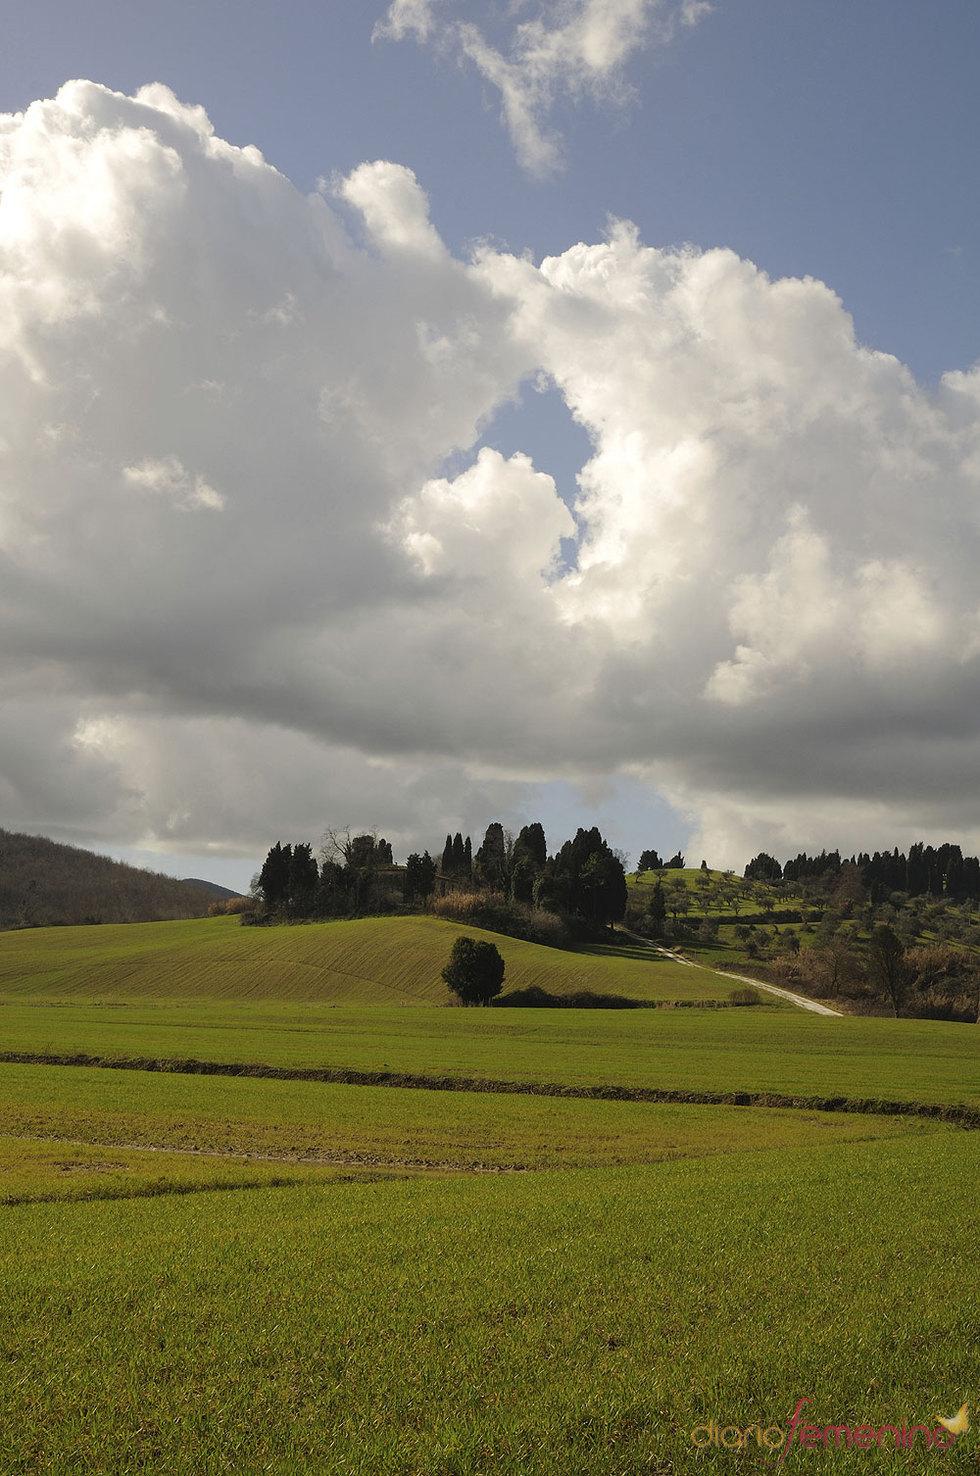 Turismo rural en la toscana - Vacaciones en la toscana ...